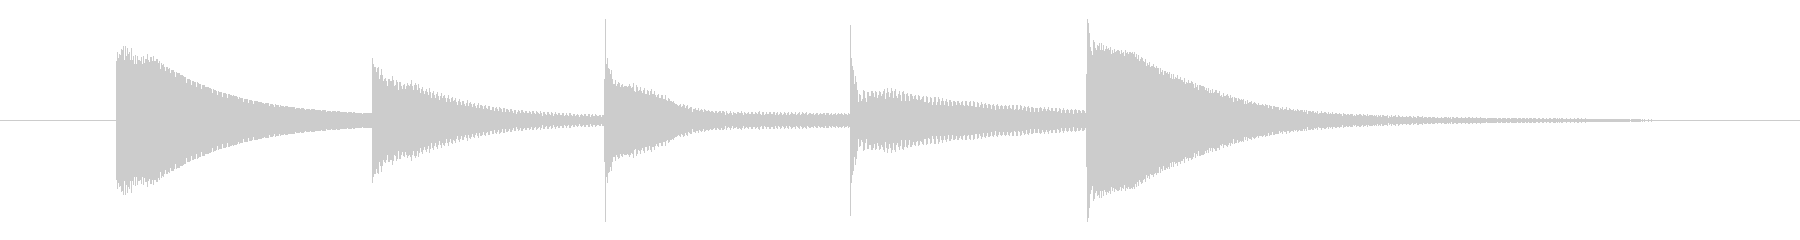 上りチャイム(ミラドミラ)の未再生の波形